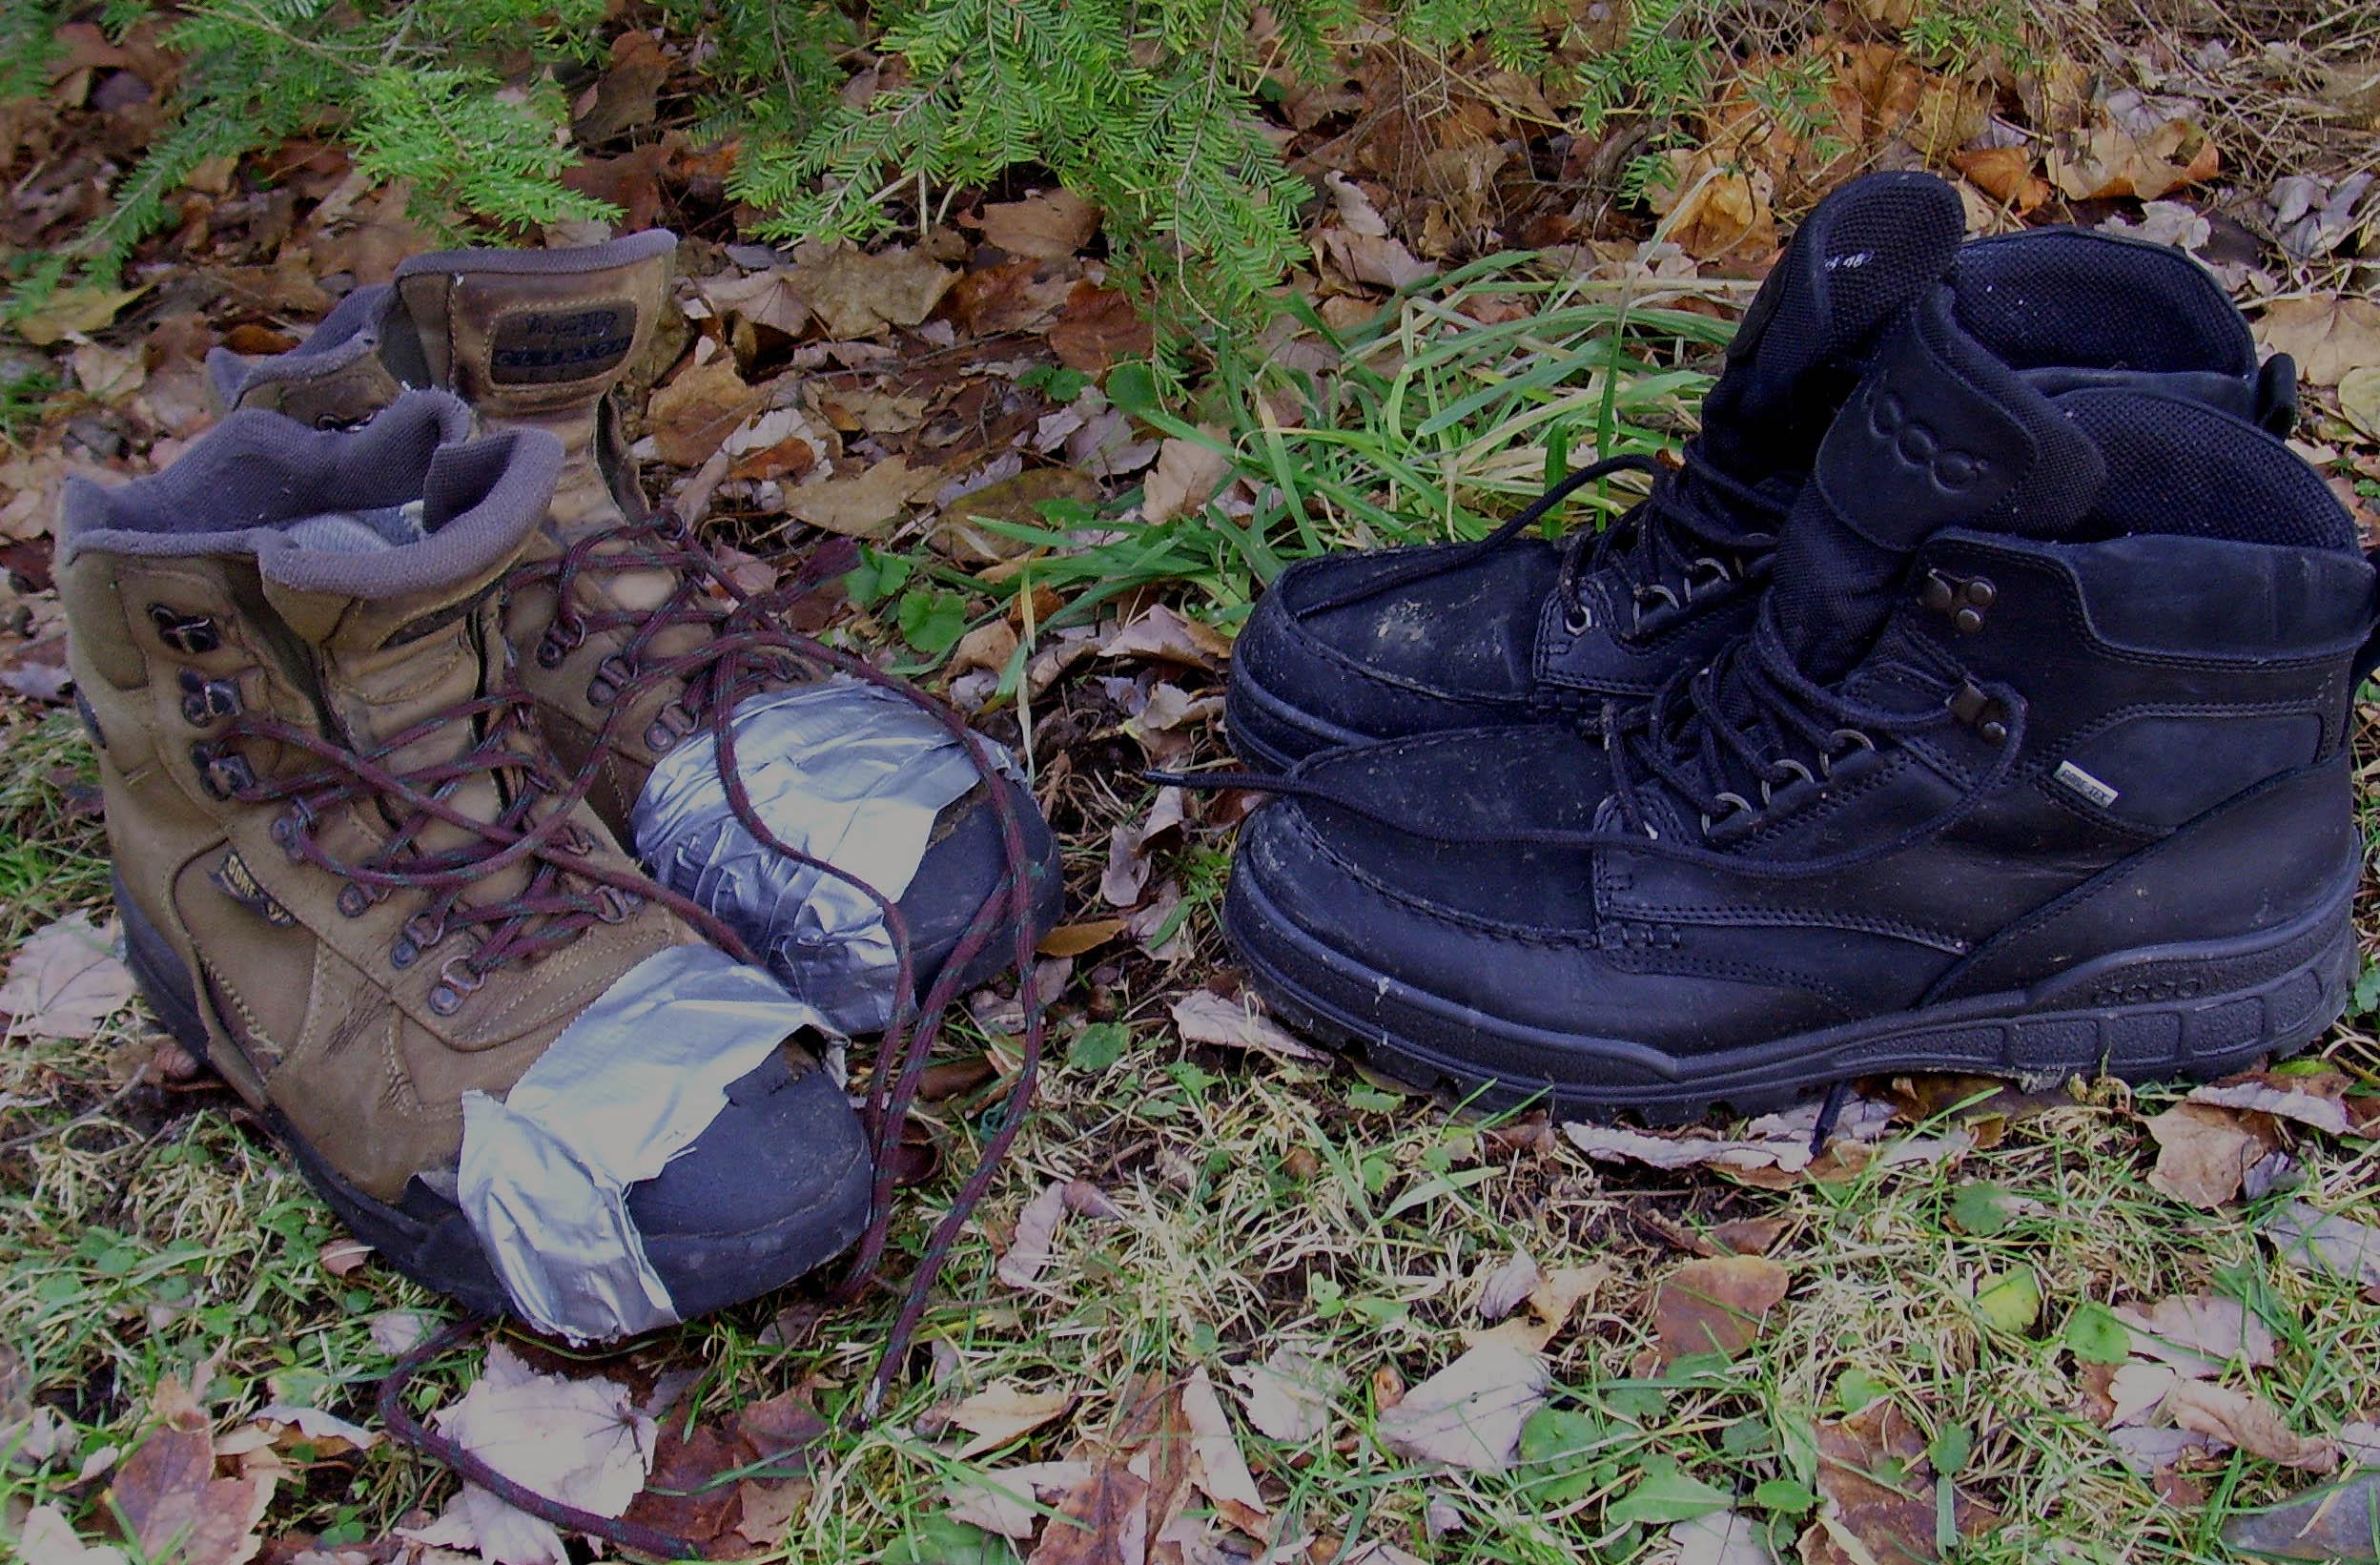 Da Scarpa Escursionismo Escursionismo Scarpa Wikipedia Da F1JK35cluT